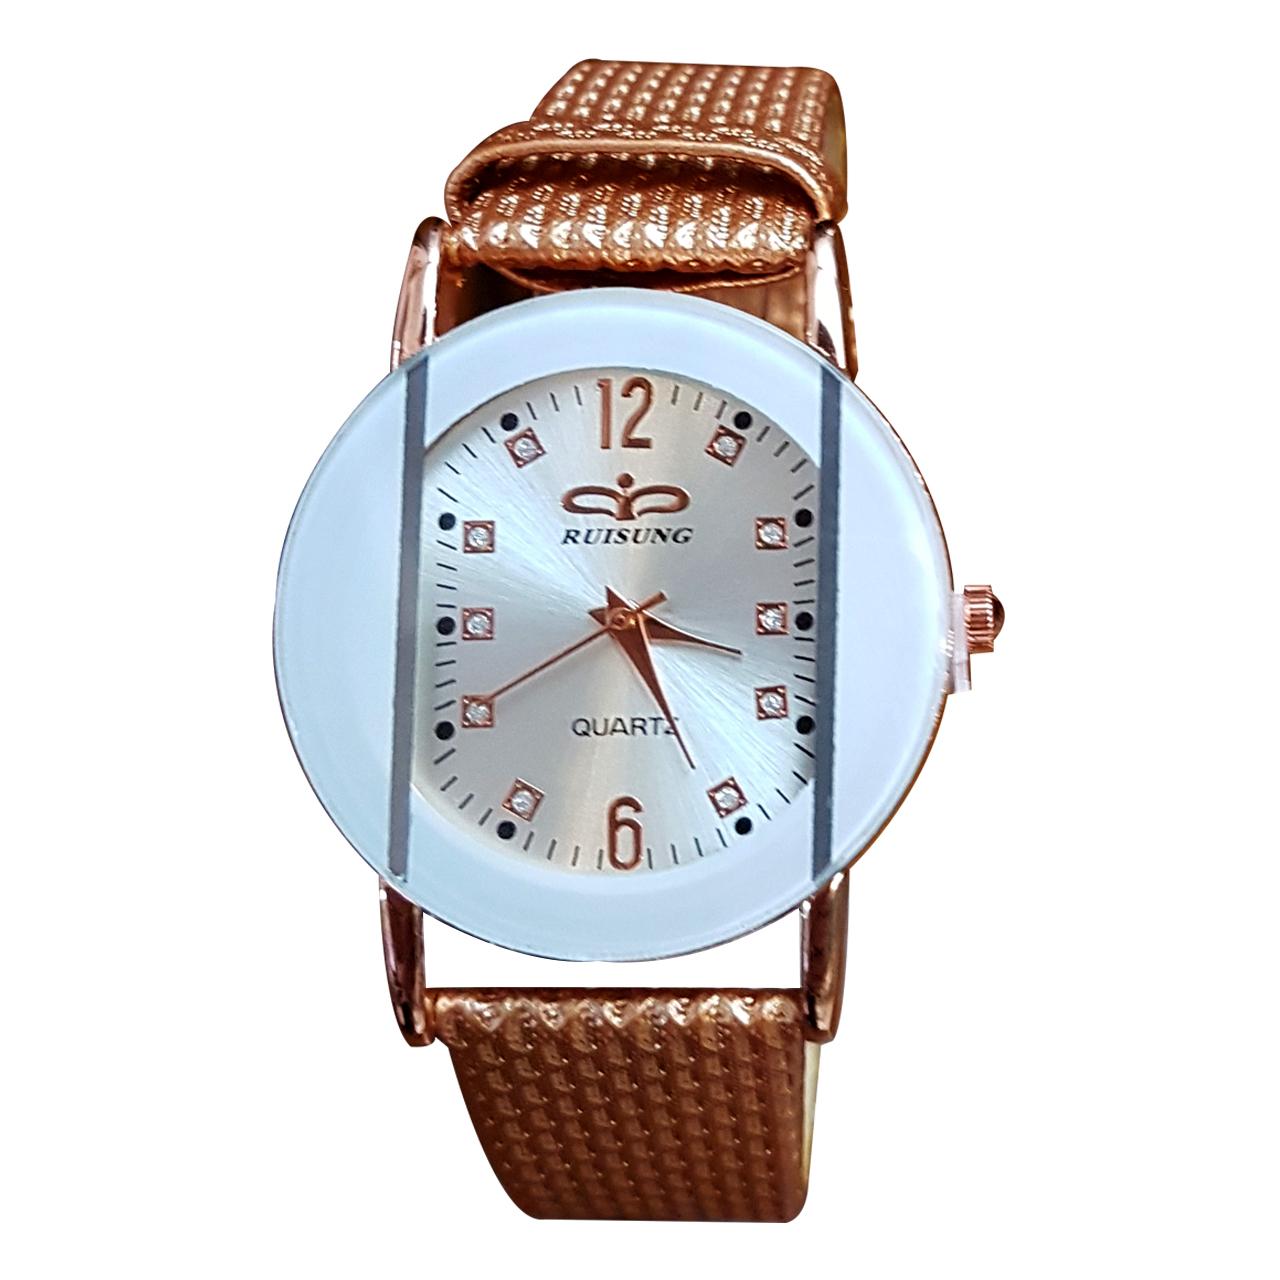 خرید ساعت مچی عقربه ای زنانه رویسانگ کد T-01